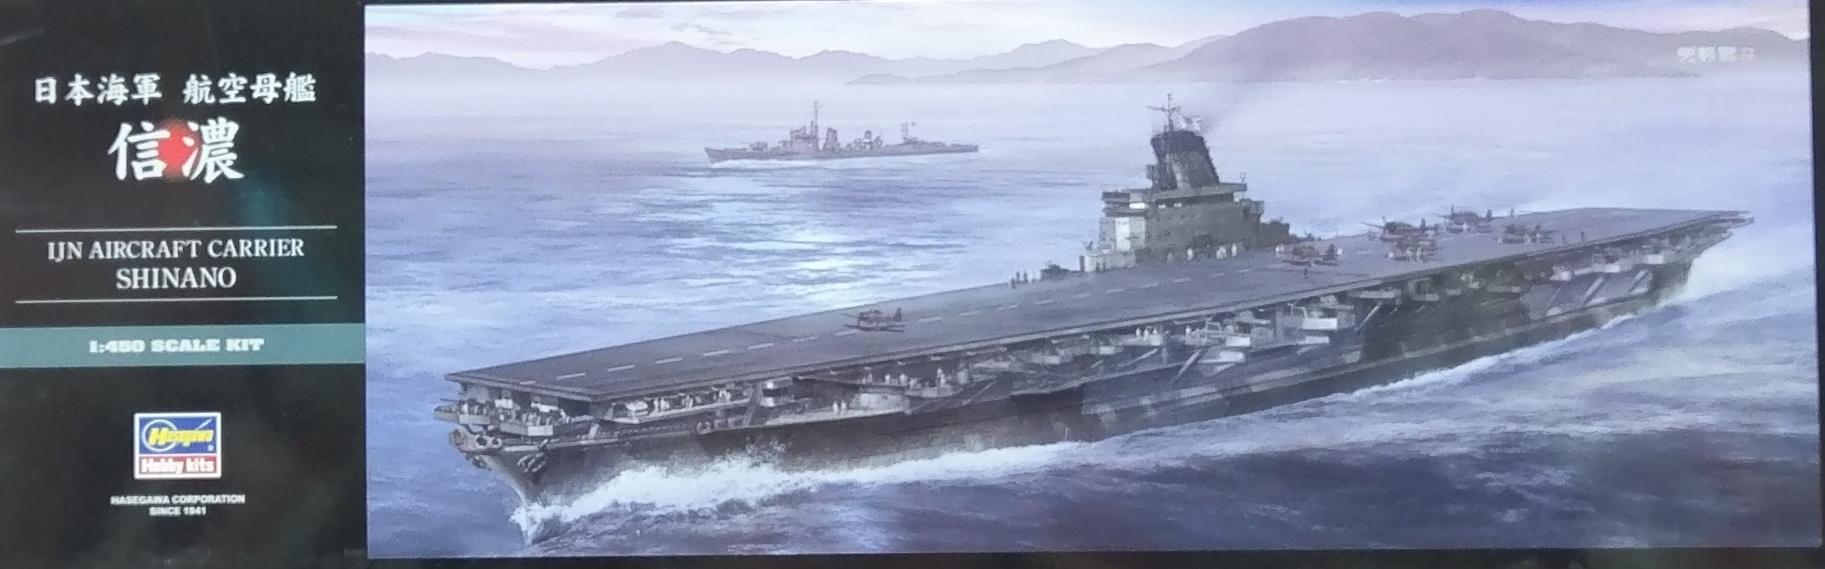 長谷川Z03 1/450 日本海軍航空母艦-信濃